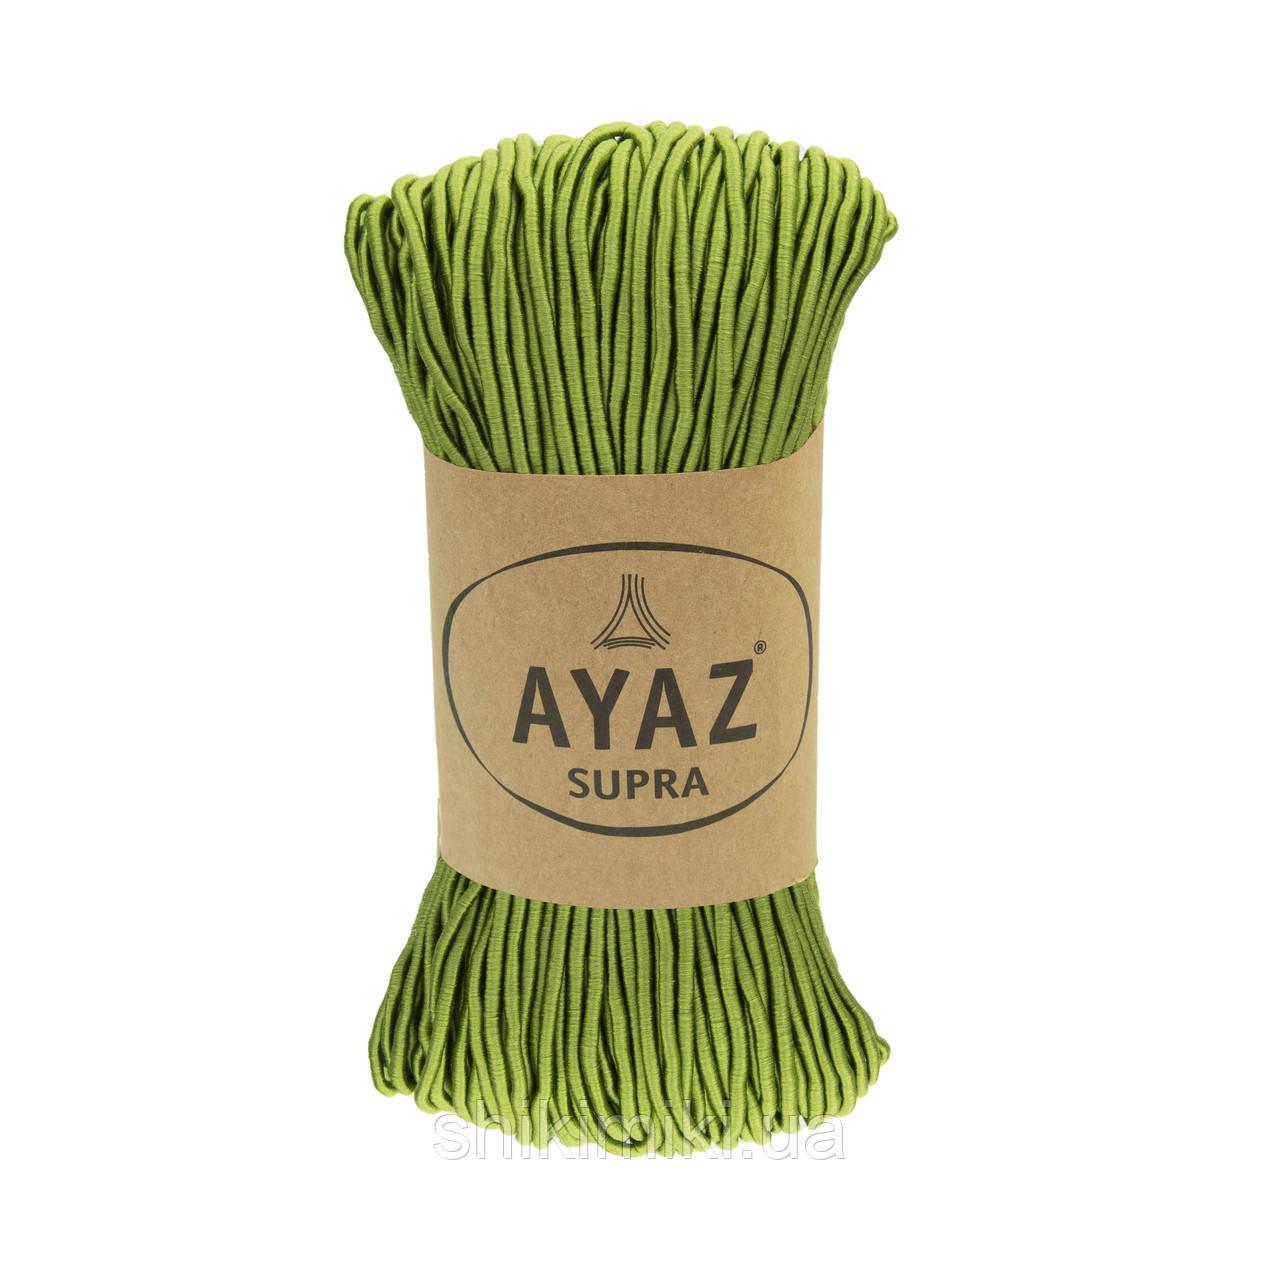 Фантазийный шнур Ayaz SUPRA, цвет Киви